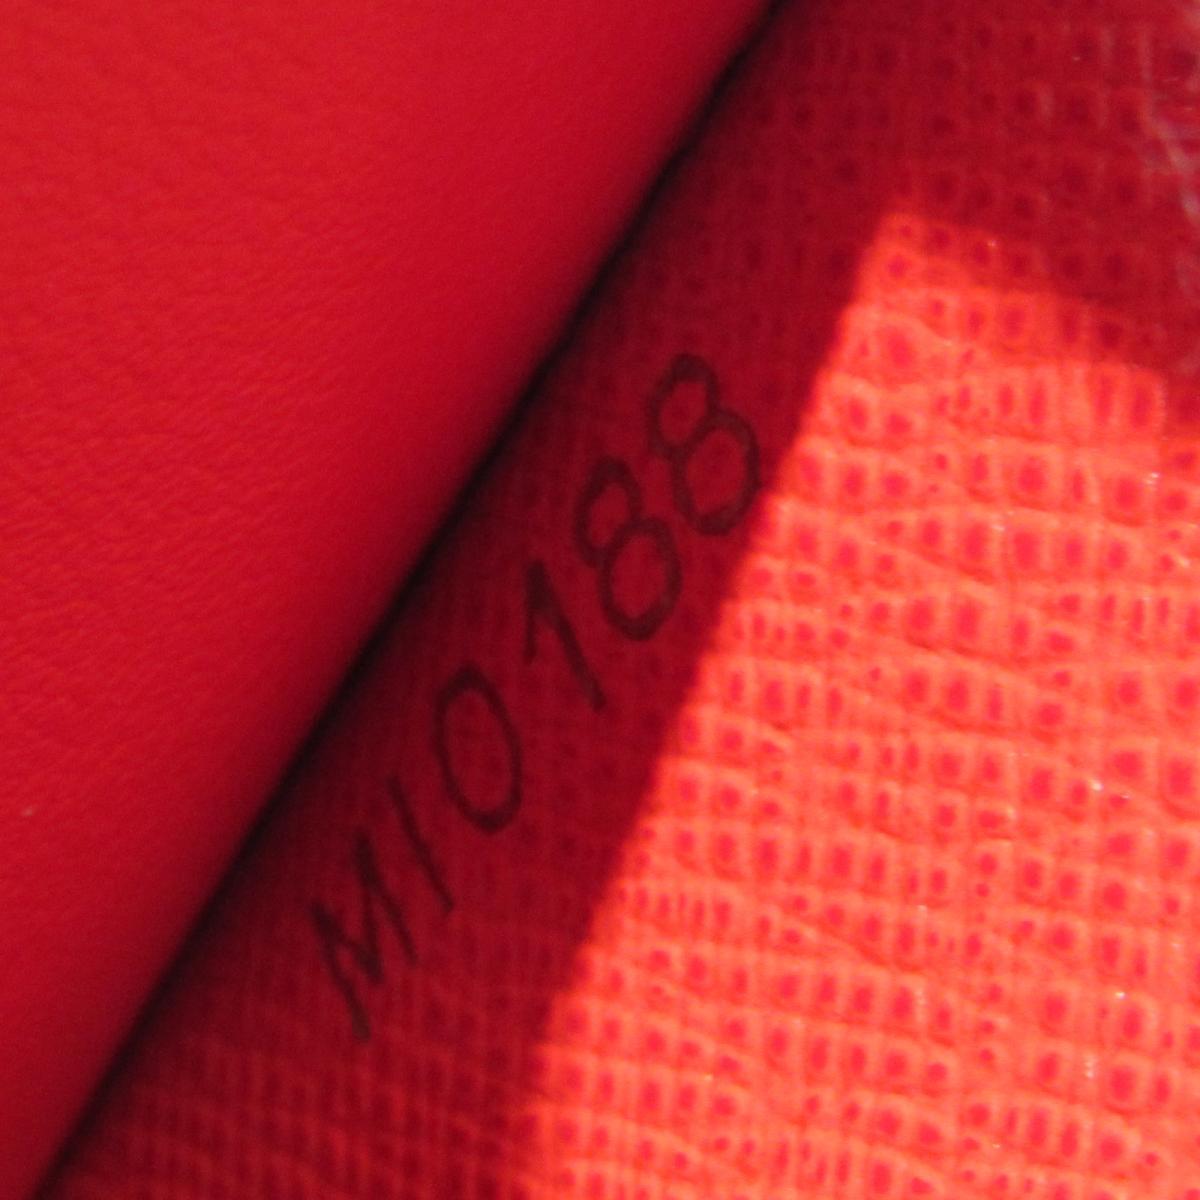 ルイヴィトン ポルトフォイユ・ヴィクトリーヌ 三つ折財布 メンズ レディース モノグラムM67244LOUIS VUITTON BRANDOFF ブランドオフ ヴィトン ルイ・ヴィトン ブランド ブランド財布 財布 レディース財布 ミニ財布I7yYvg6bf